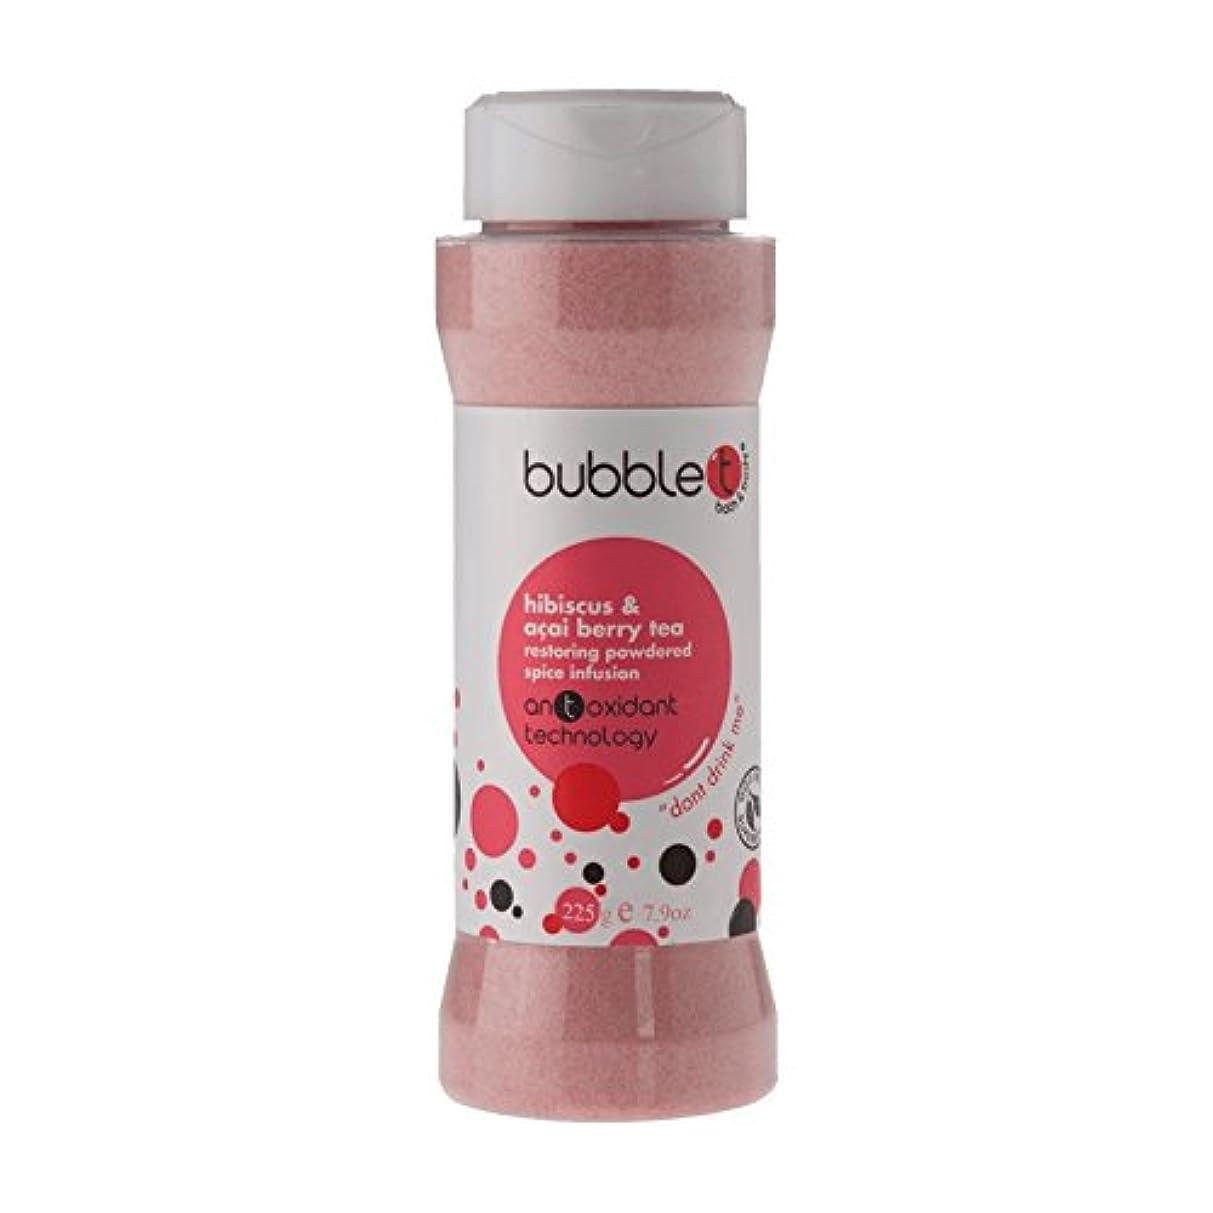 ラッドヤードキップリング雑品世代バブルトン風呂スパイス注入ハイビスカス&アサイベリー茶225グラム - Bubble T Bath Spice Infusion Hibiscus & Acai Berry Tea 225g (Bubble T) [並行輸入品]